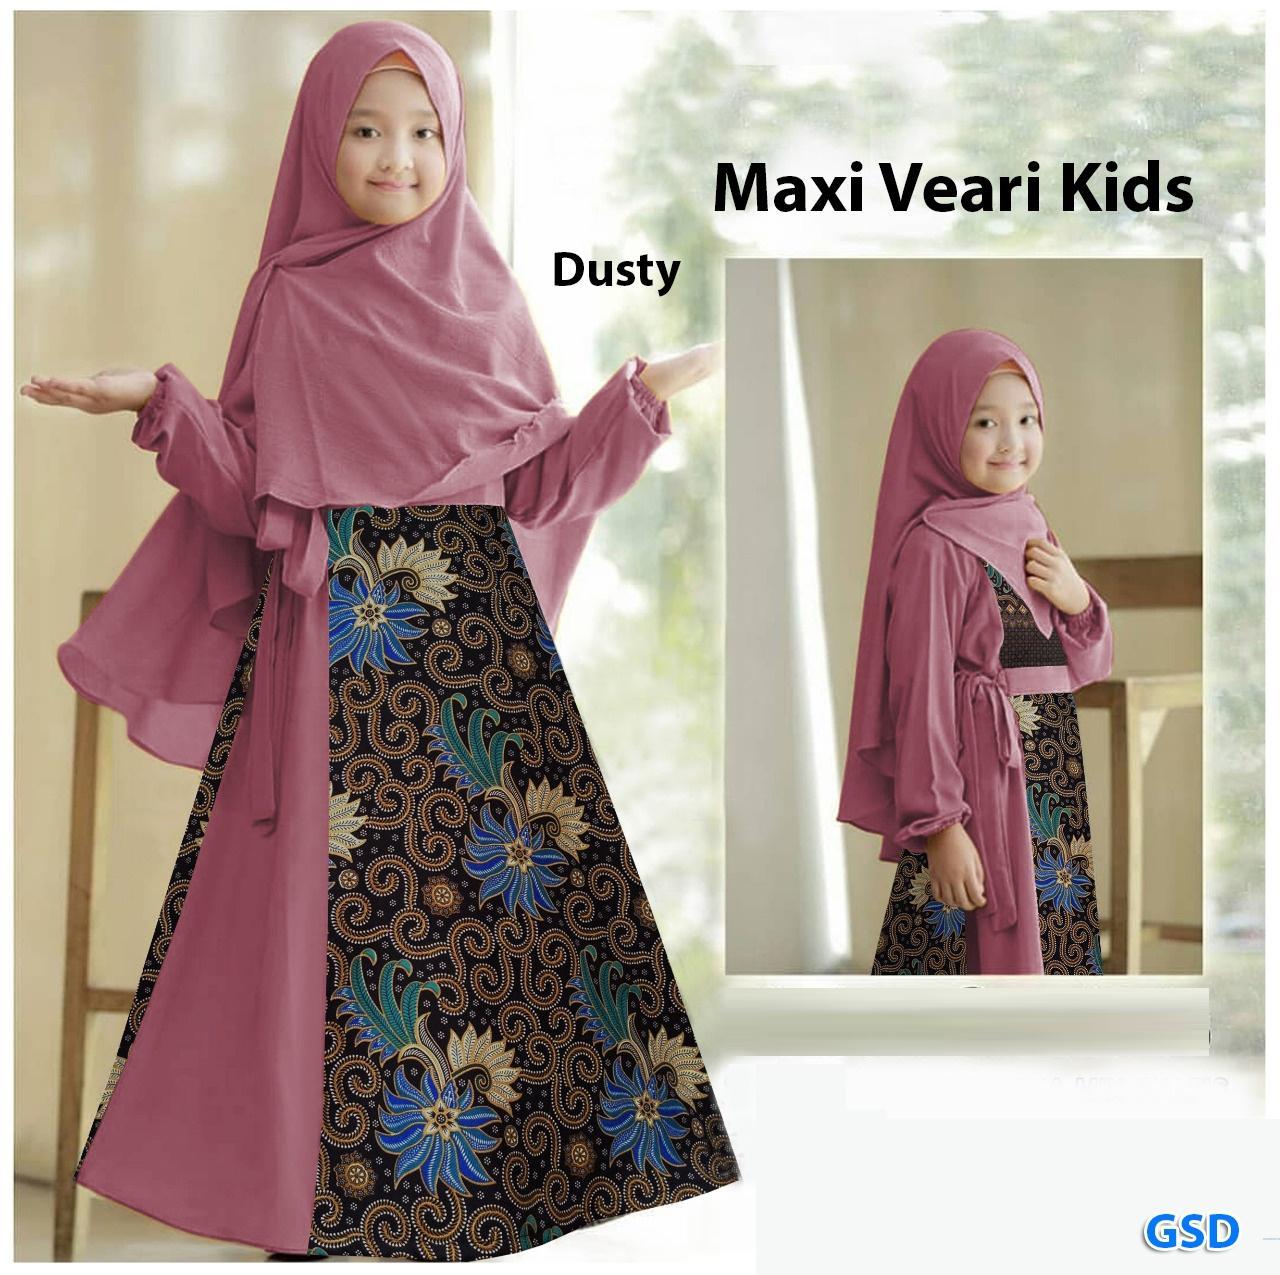 Setelan gamis batik anak ada Hijabnya 11-11 tahun / gamis batik modern / baju  muslim anak cewek / gamis syarii anak / Maxi Veari kids murah